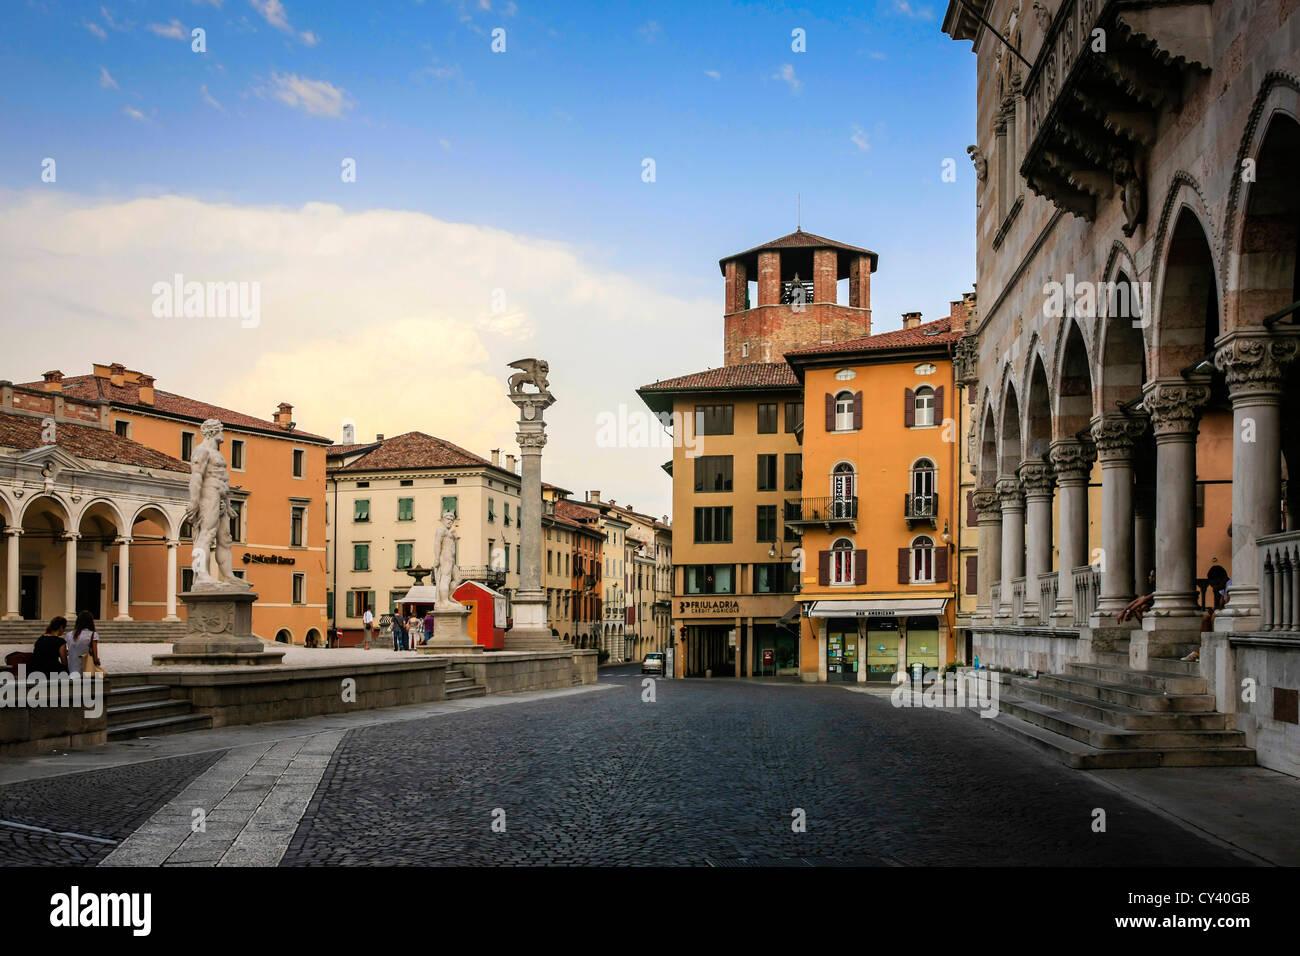 Piazza della Liberta, Udine Italy - Stock Image